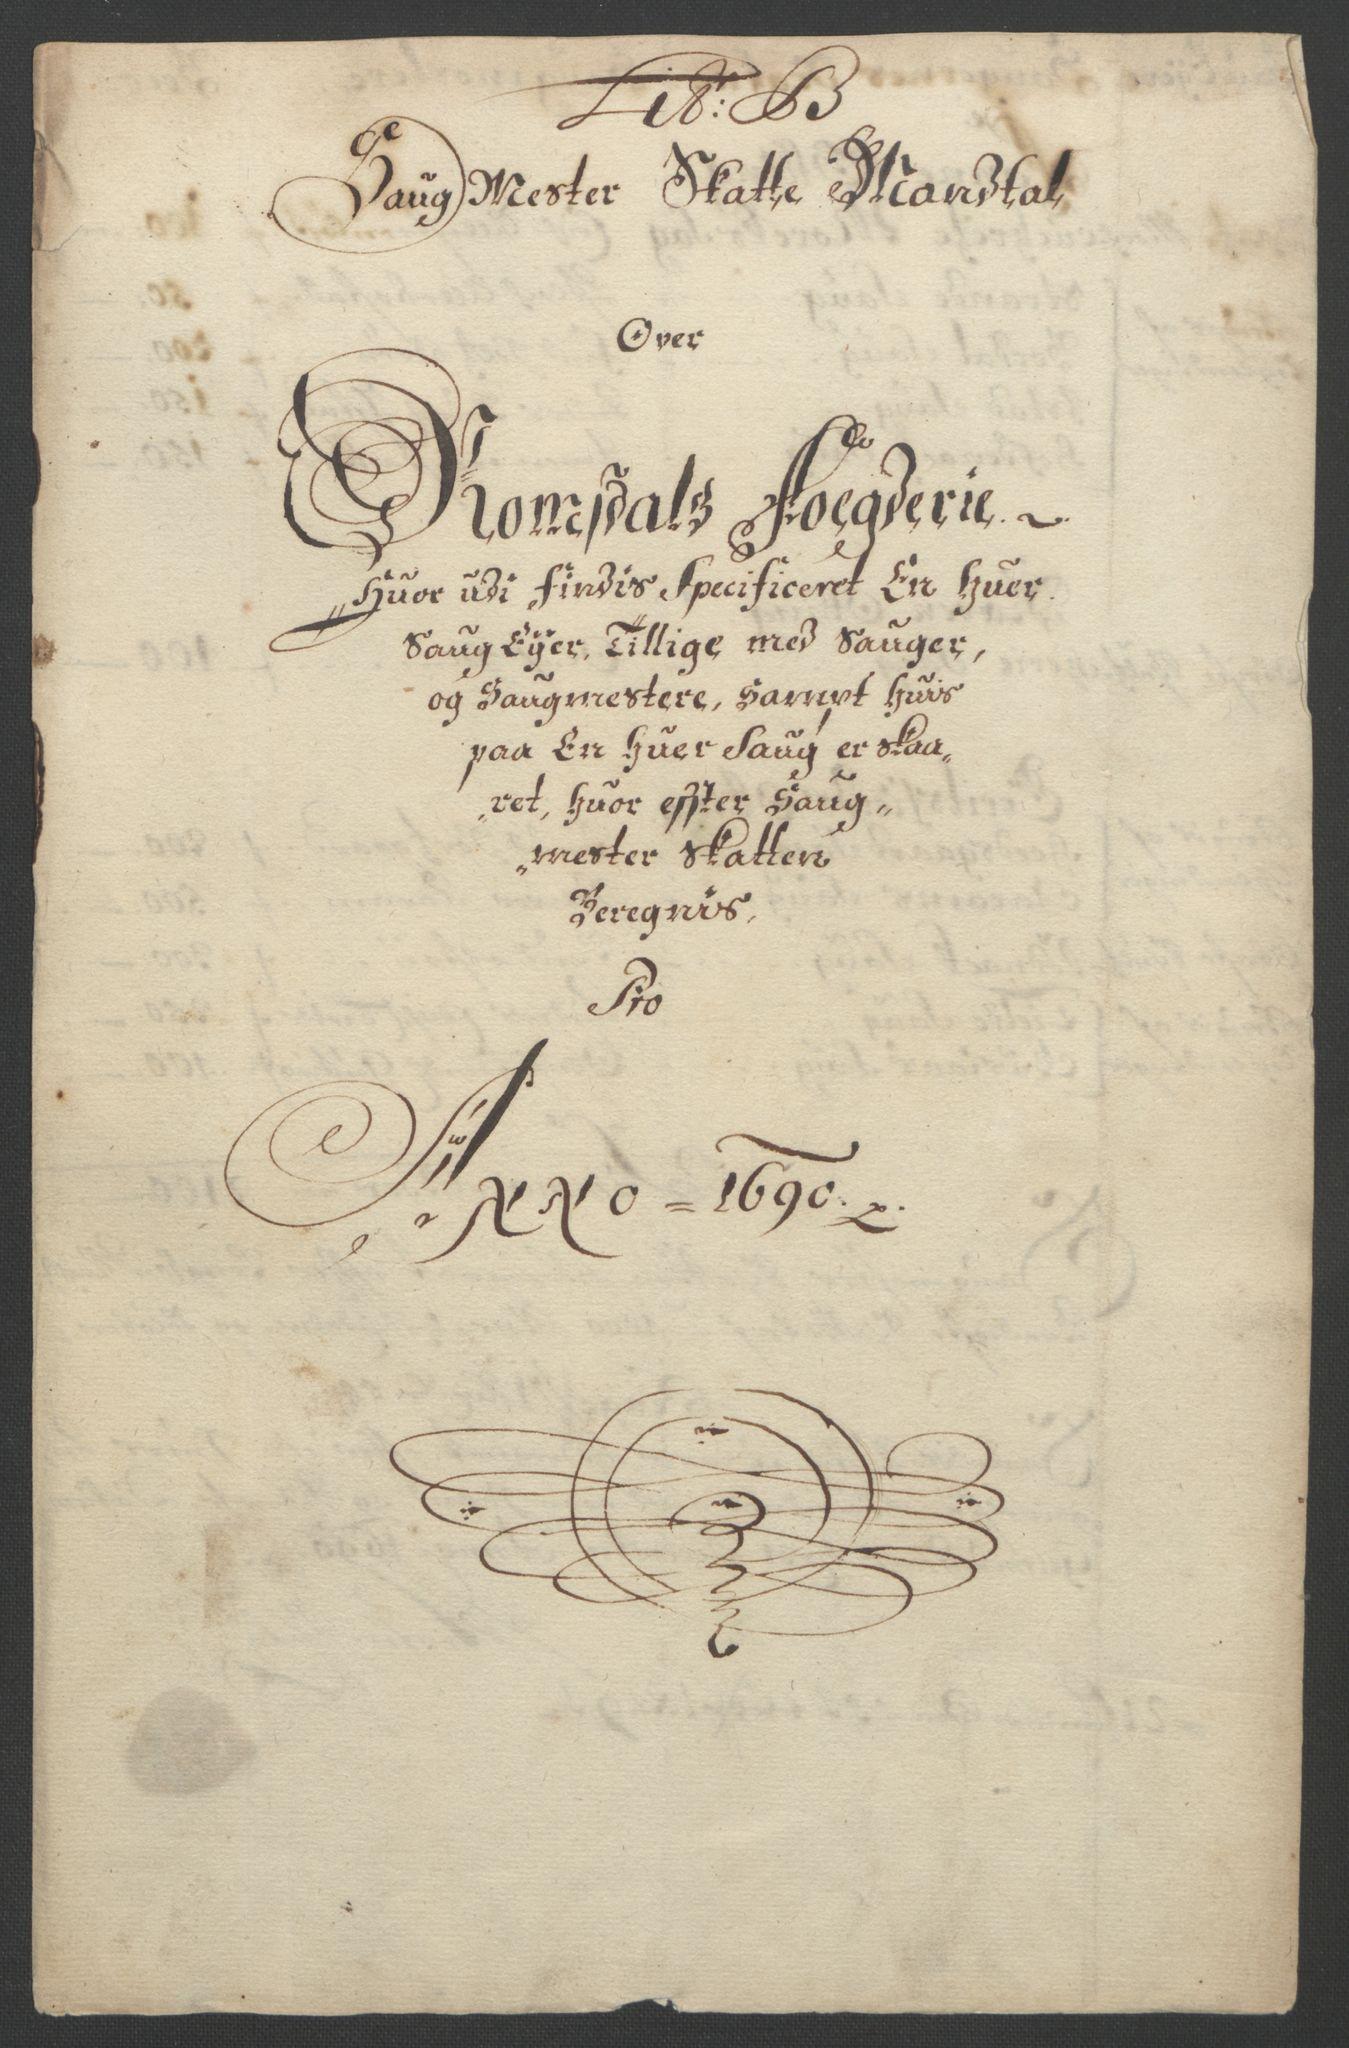 RA, Rentekammeret inntil 1814, Reviderte regnskaper, Fogderegnskap, R55/L3649: Fogderegnskap Romsdal, 1690-1691, s. 59